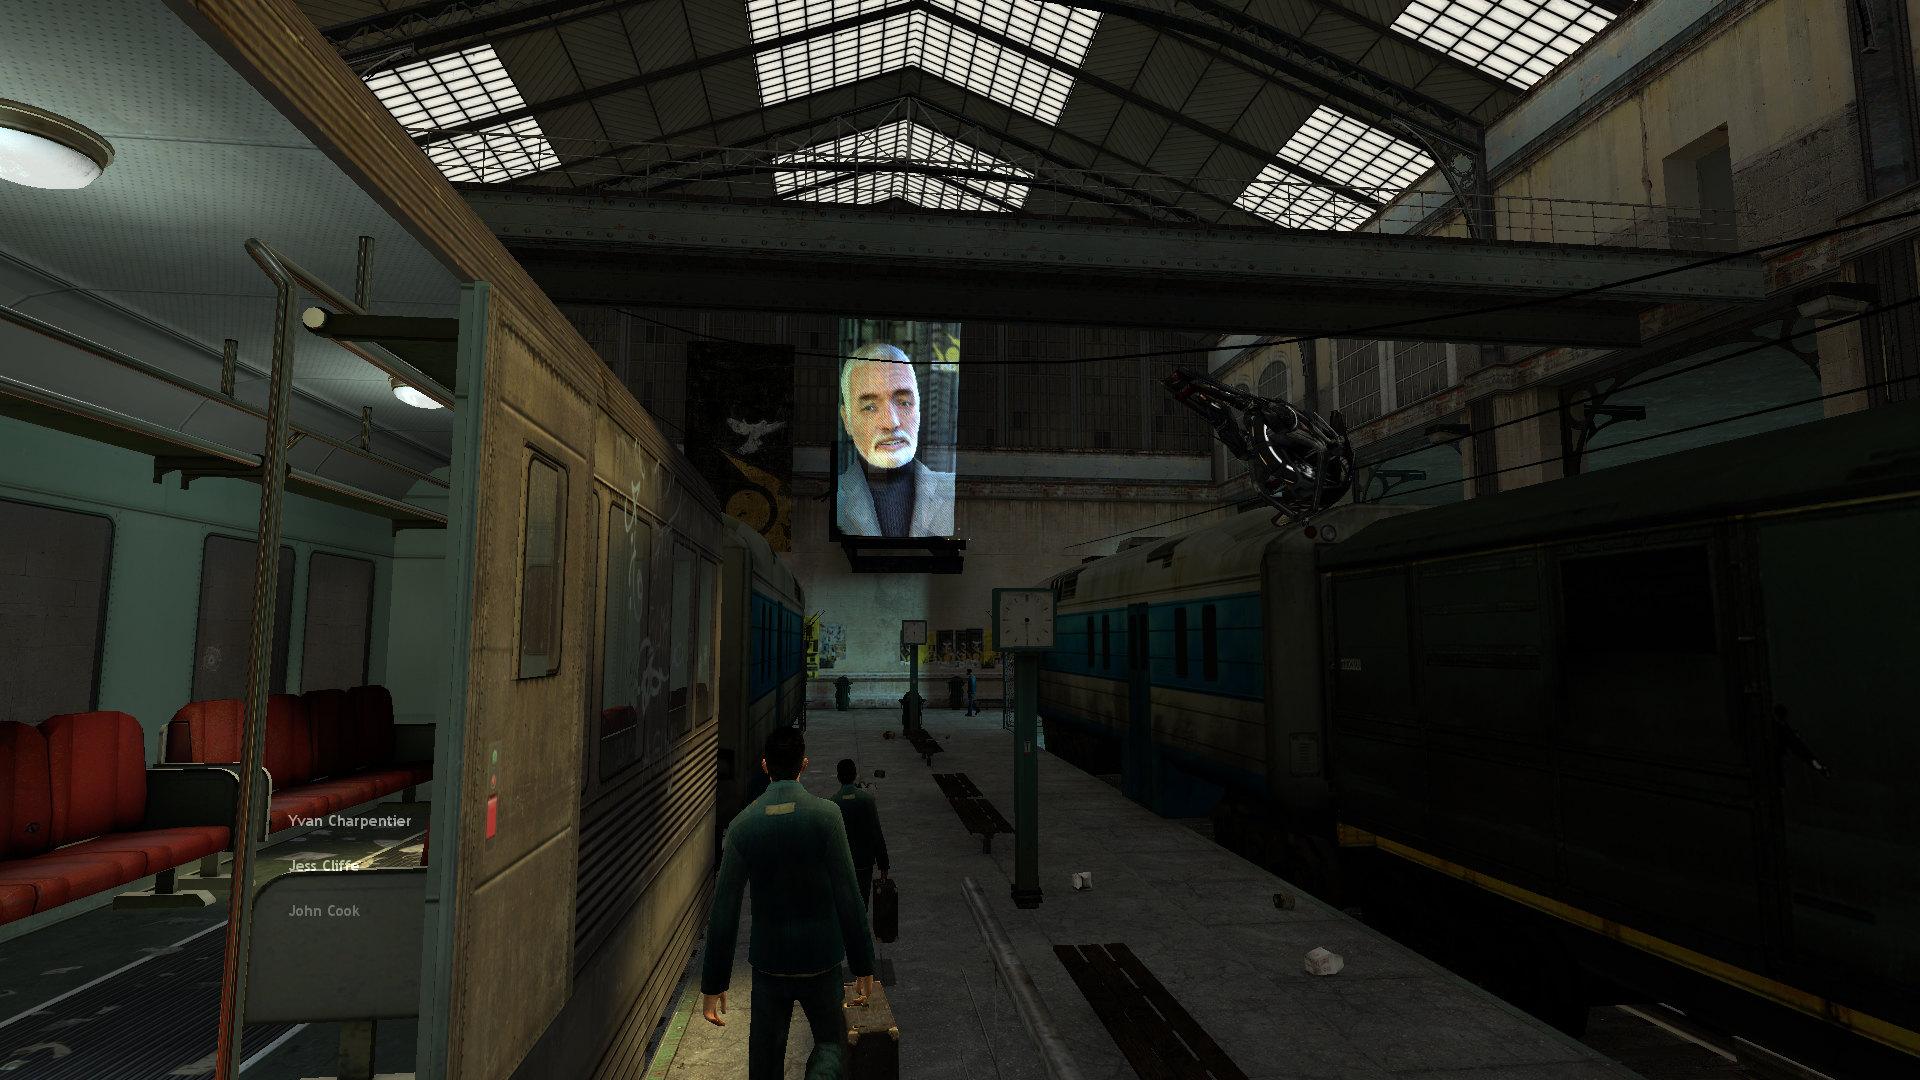 Endstation City 17. Der Bahnhof, in dem Gordon nach seiner Ankunft in City 17 aussteigt, findet sein reales Vorbild in der Budapest Western Railway Station von 1877. (Bild: Valve)